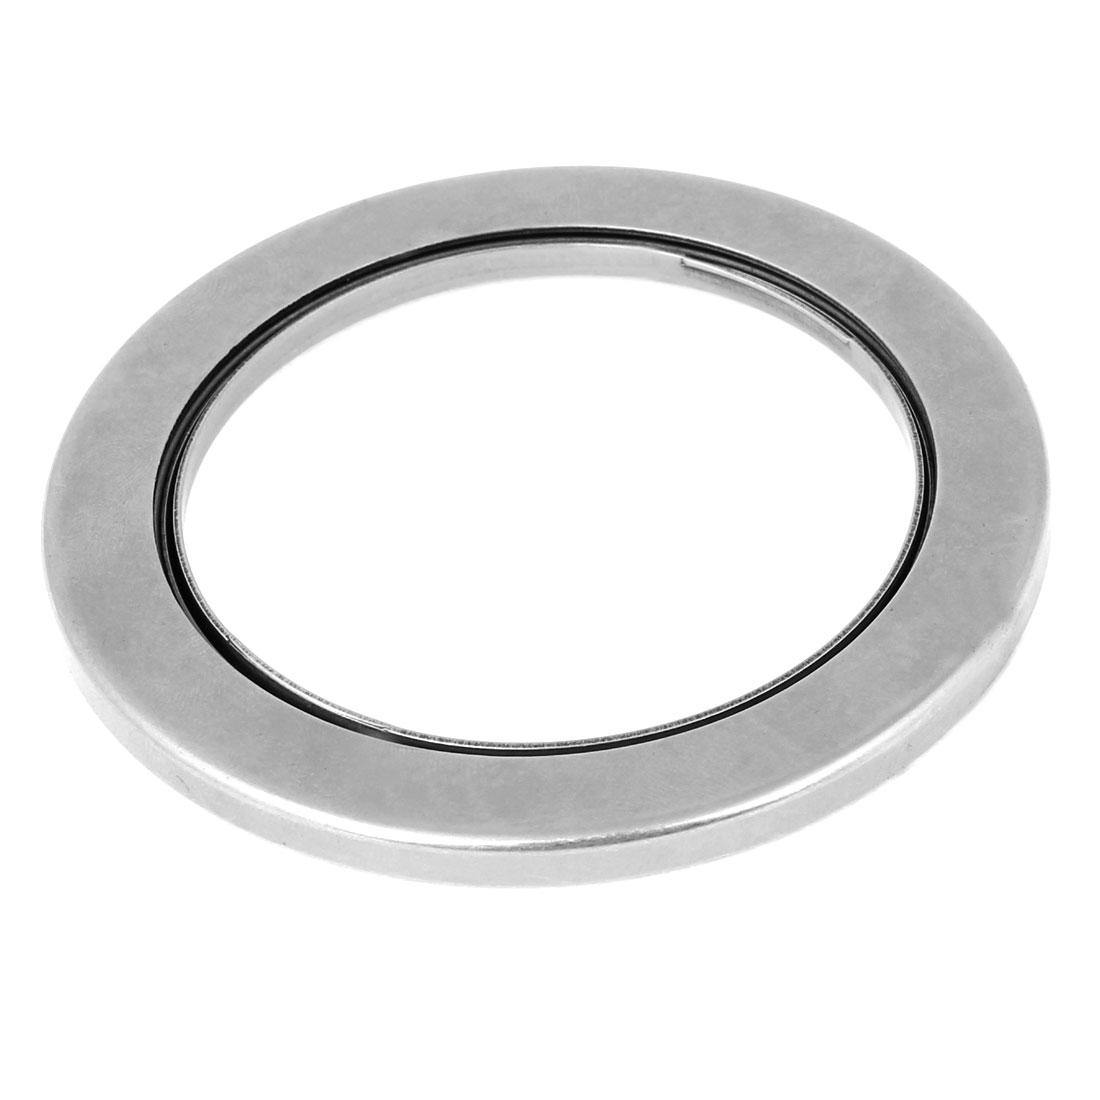 57mm x 77mm x 8mm Hydraulic Cylinder Metal Oil Seal